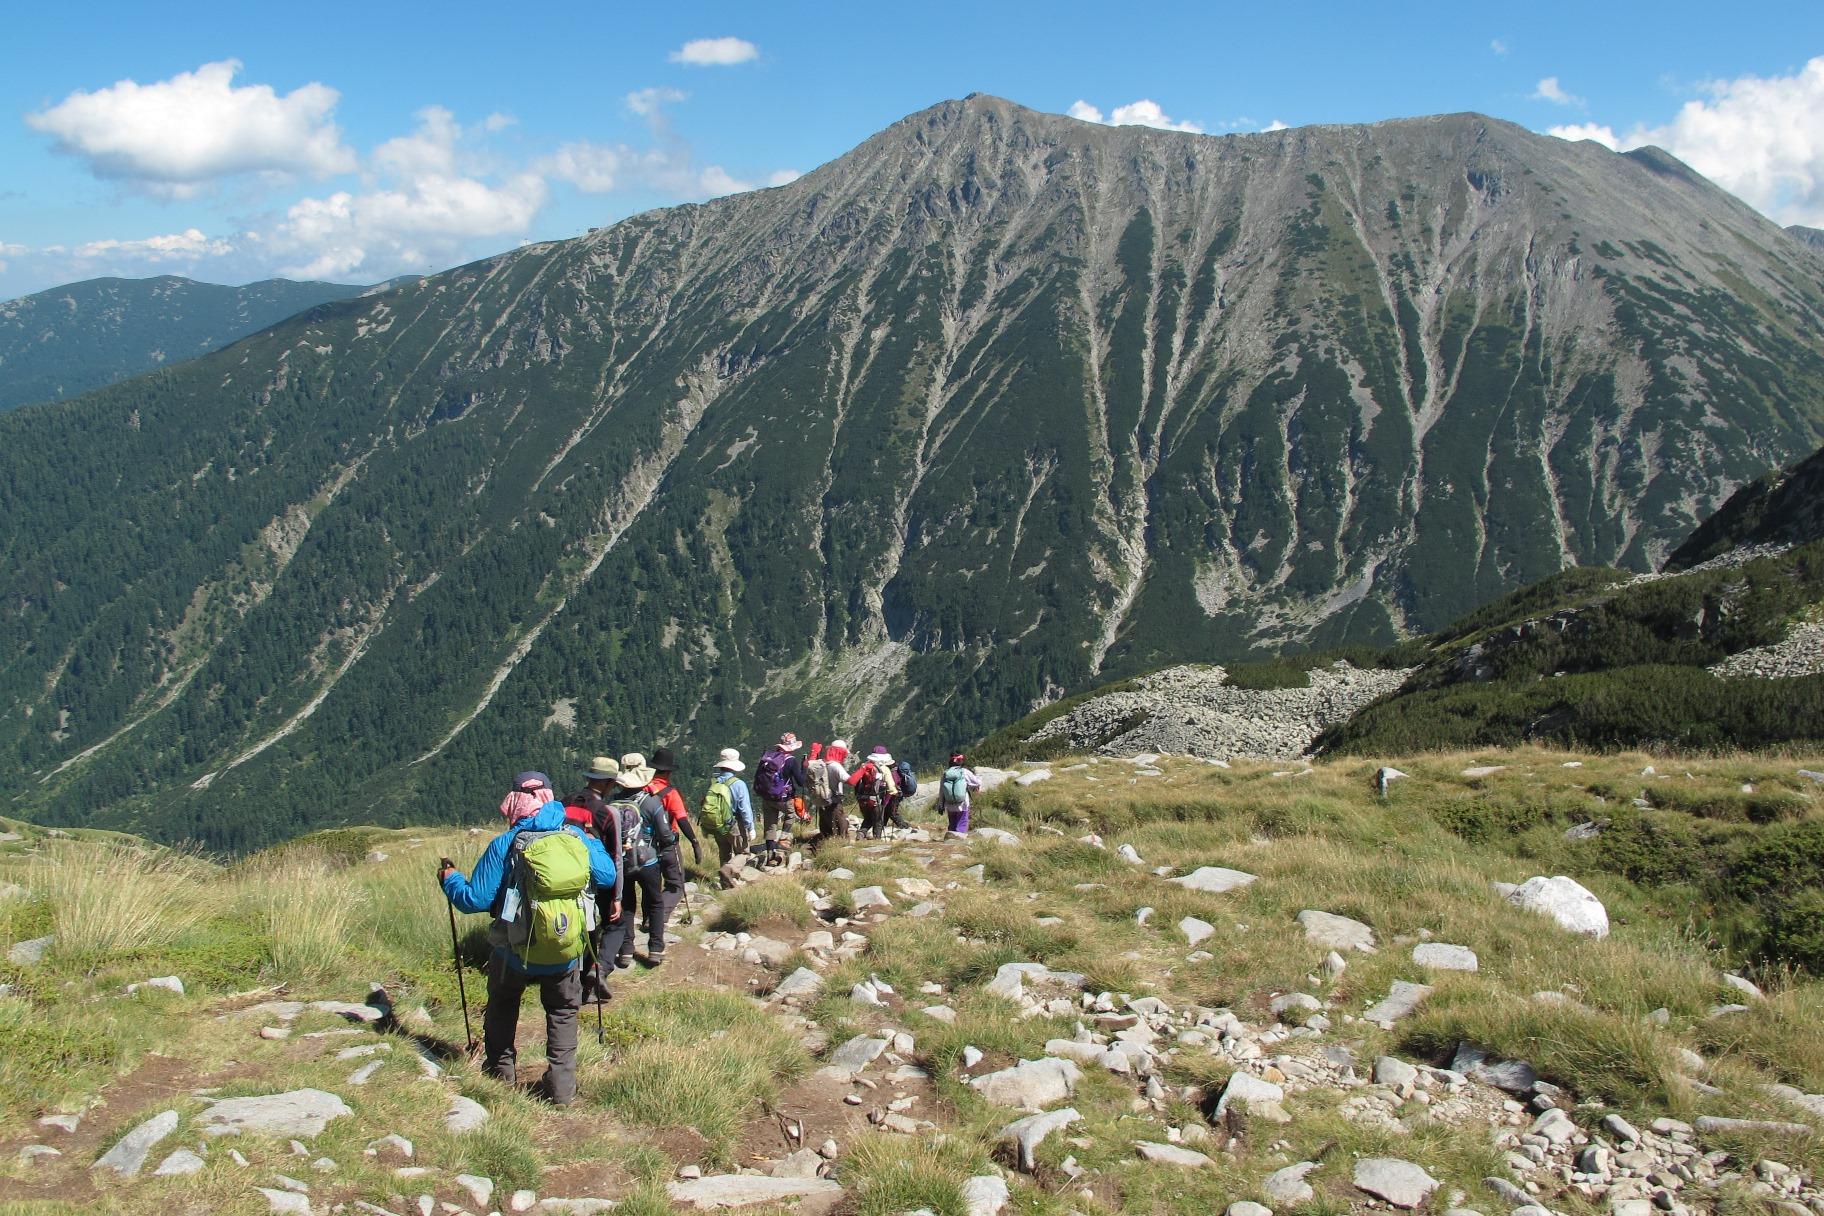 ブルガリアでの登山を存分に楽しむ